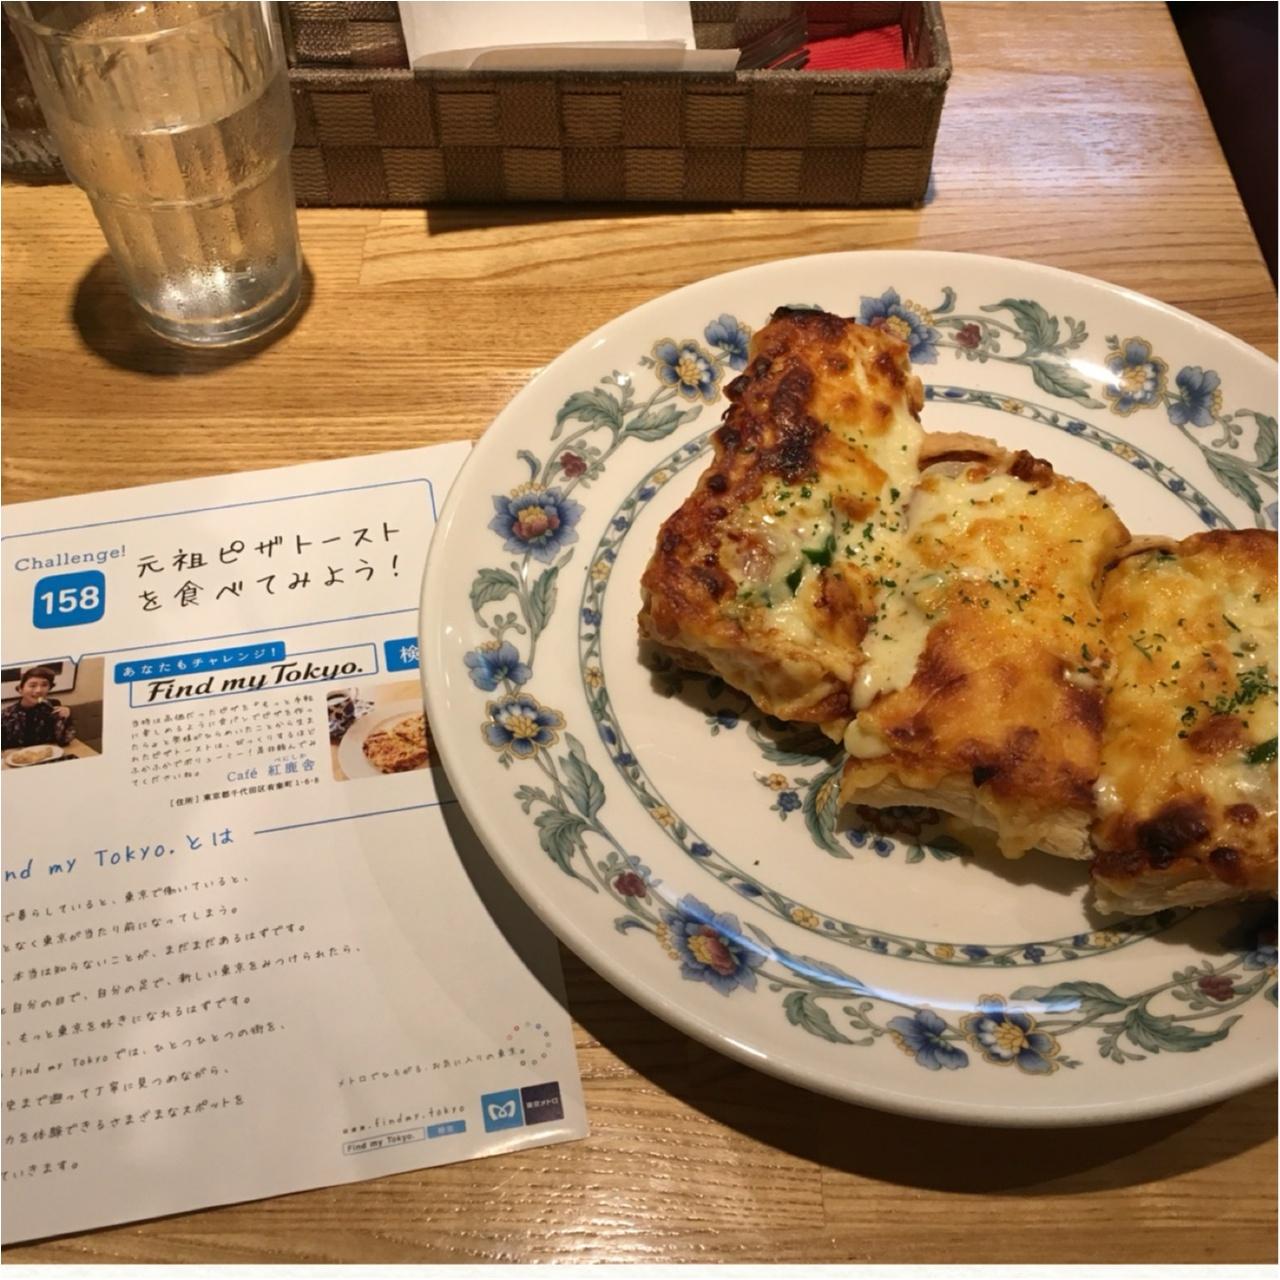 石原さとみちゃん出演CMで紹介されたお店はココ!珈琲館紅鹿舎で元祖ピザトーストを食べよう♡_2